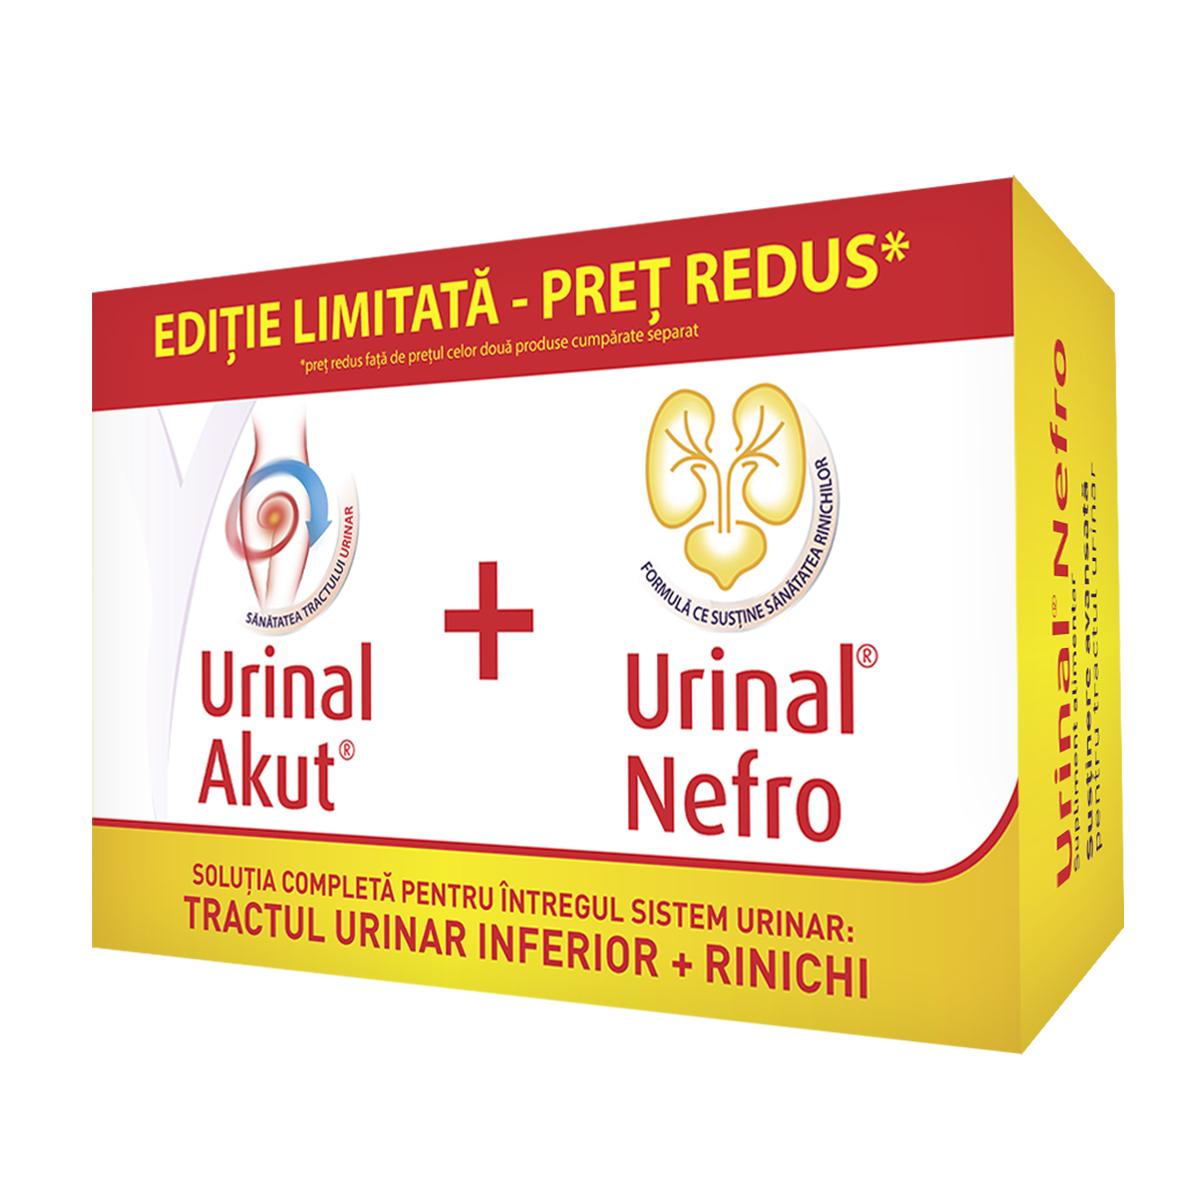 Pachet Urinal Akut 10 tablete + Urinal Nefro 20 tablete, Walmark